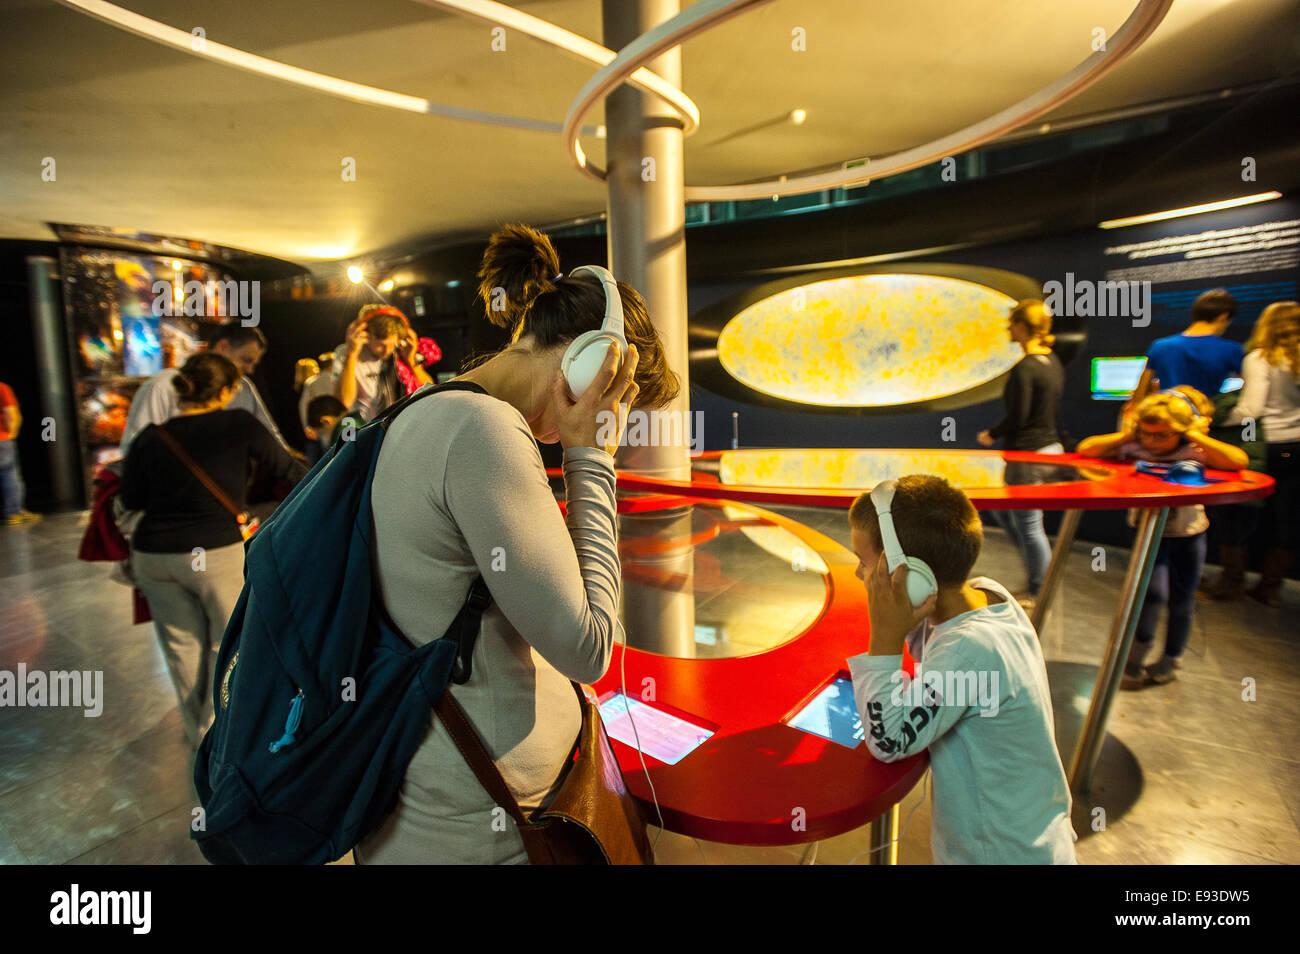 Italia Turín Piamonte Pino Torinese Inauguración de la nueva zona de museos del Museo de Turín planetario astronomía y espacio INFINI.Al 17 de octubre de 2014 Foto de stock